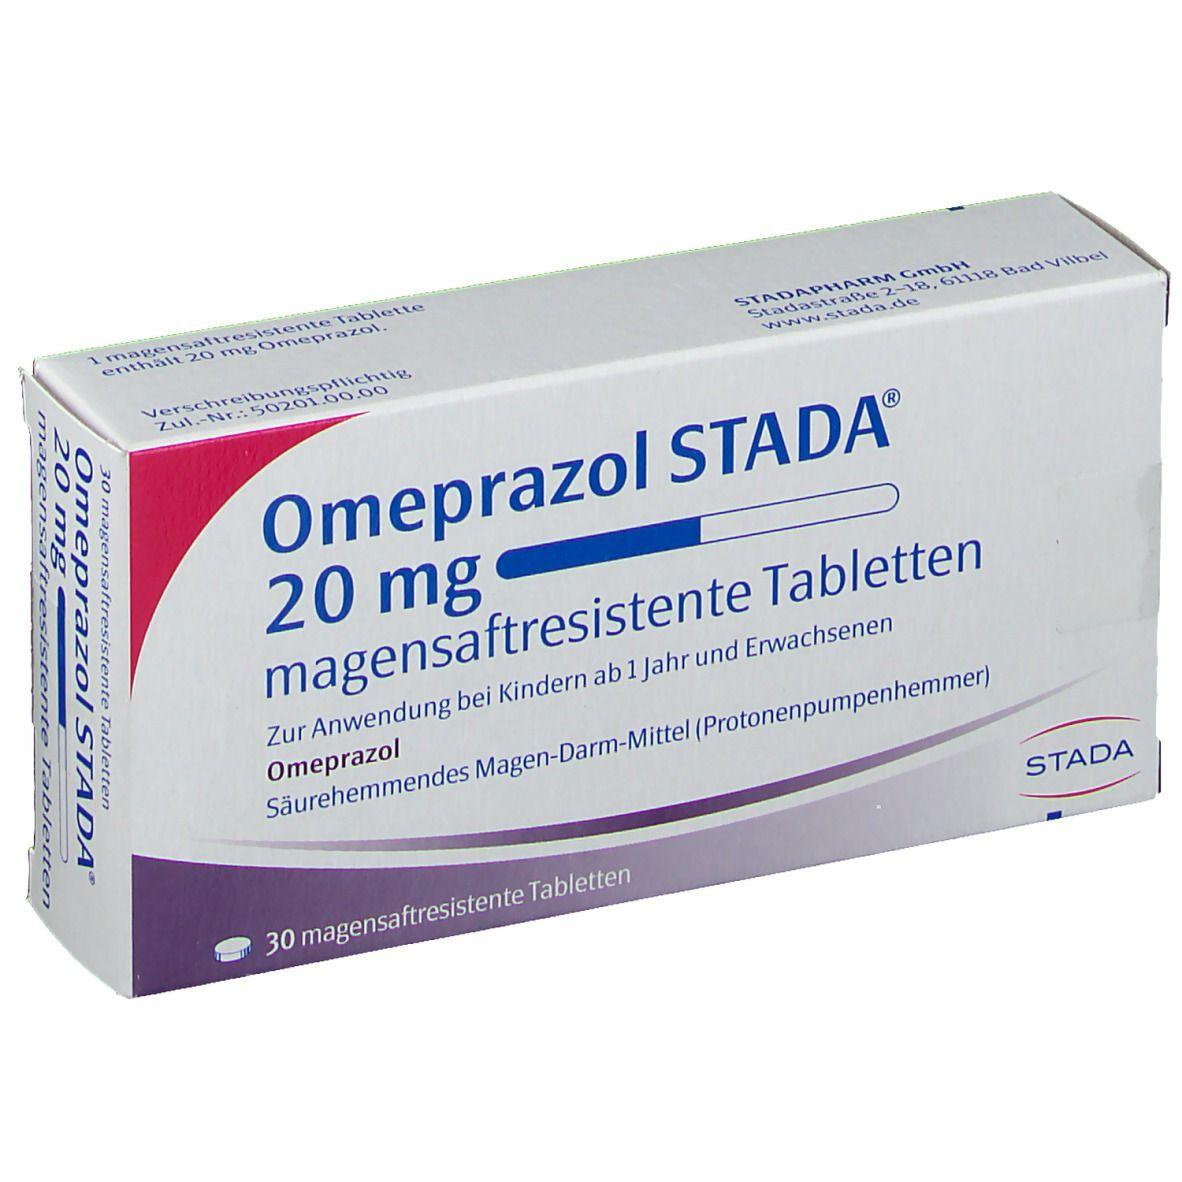 Omeprazol STADA® 20 mg